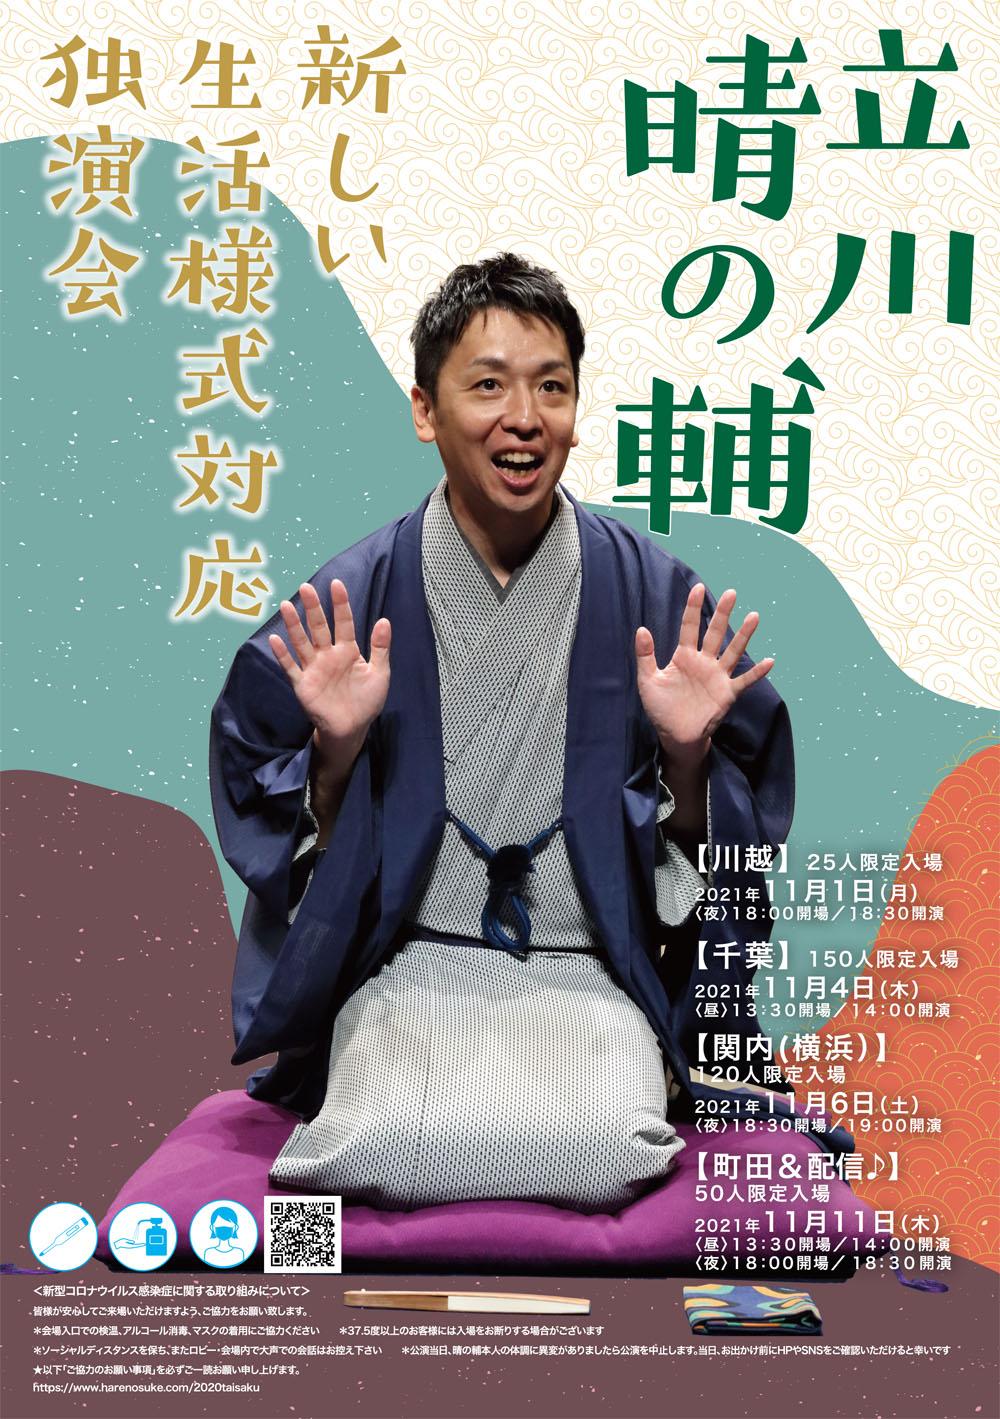 【入場チケット】立川晴の輔 新しい生活様式対応独演会(町田)